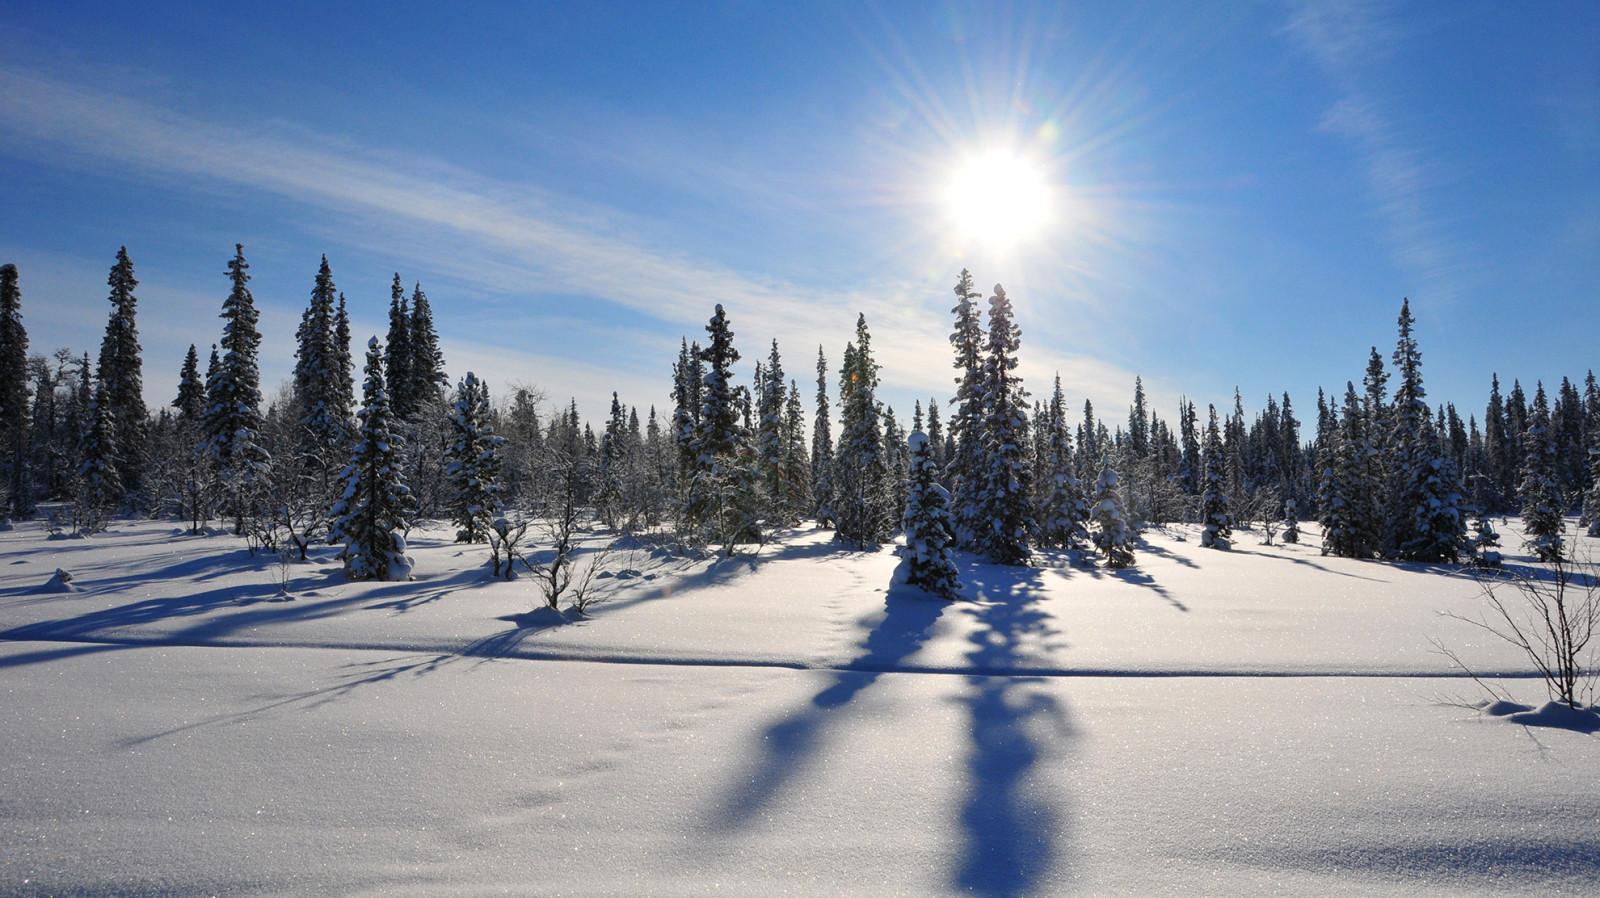 Arctic Winter Sweden